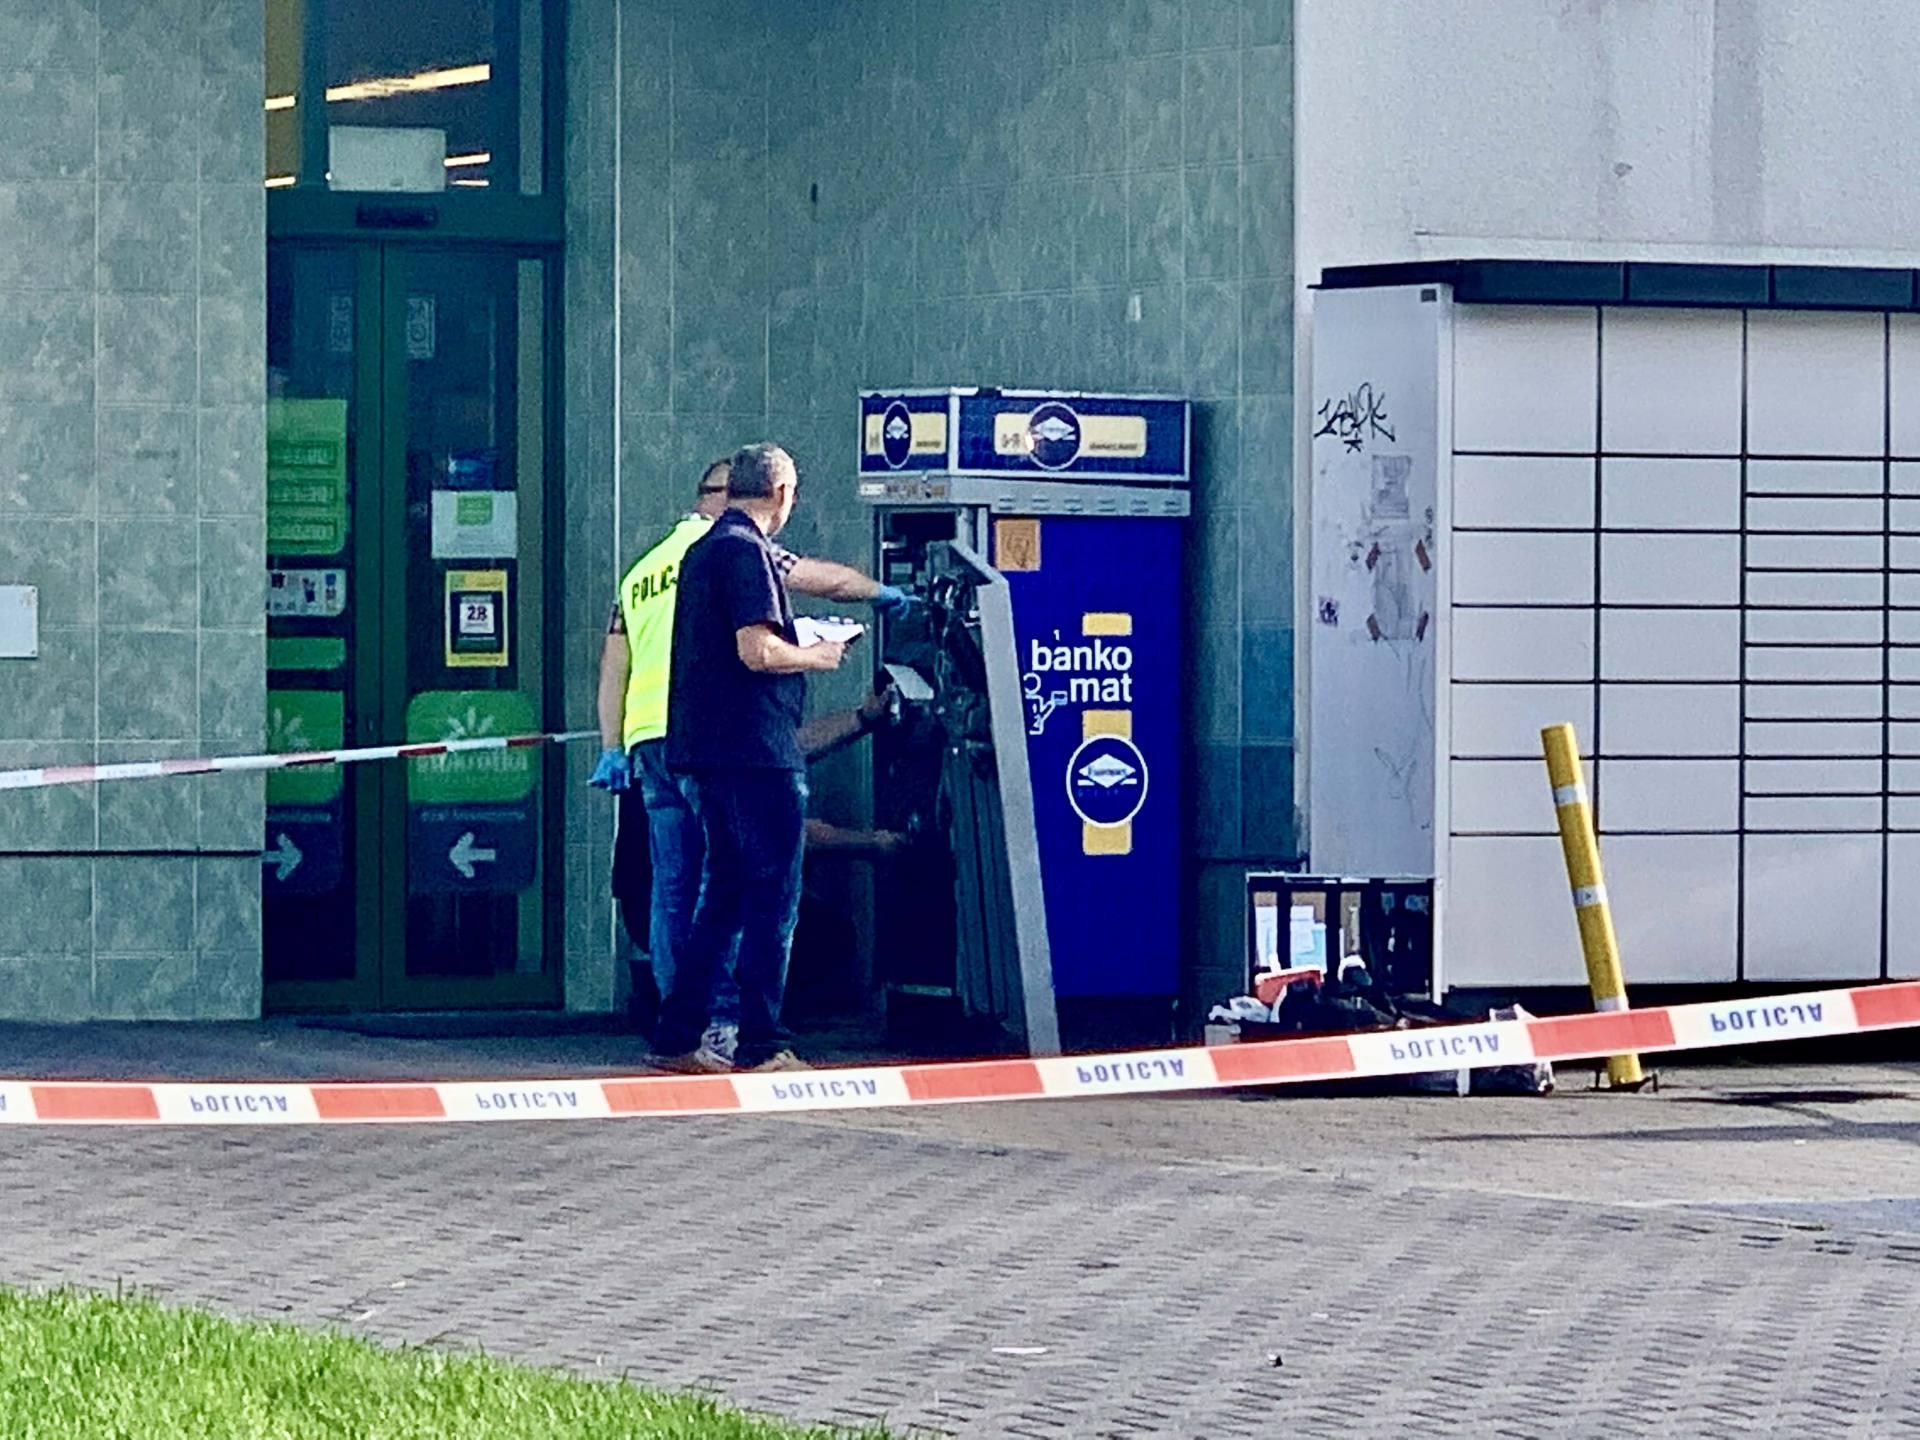 img 5727 Zamość: Nocny napad na bankomat przy ul. Piłsudskiego [ZDJĘCIA]